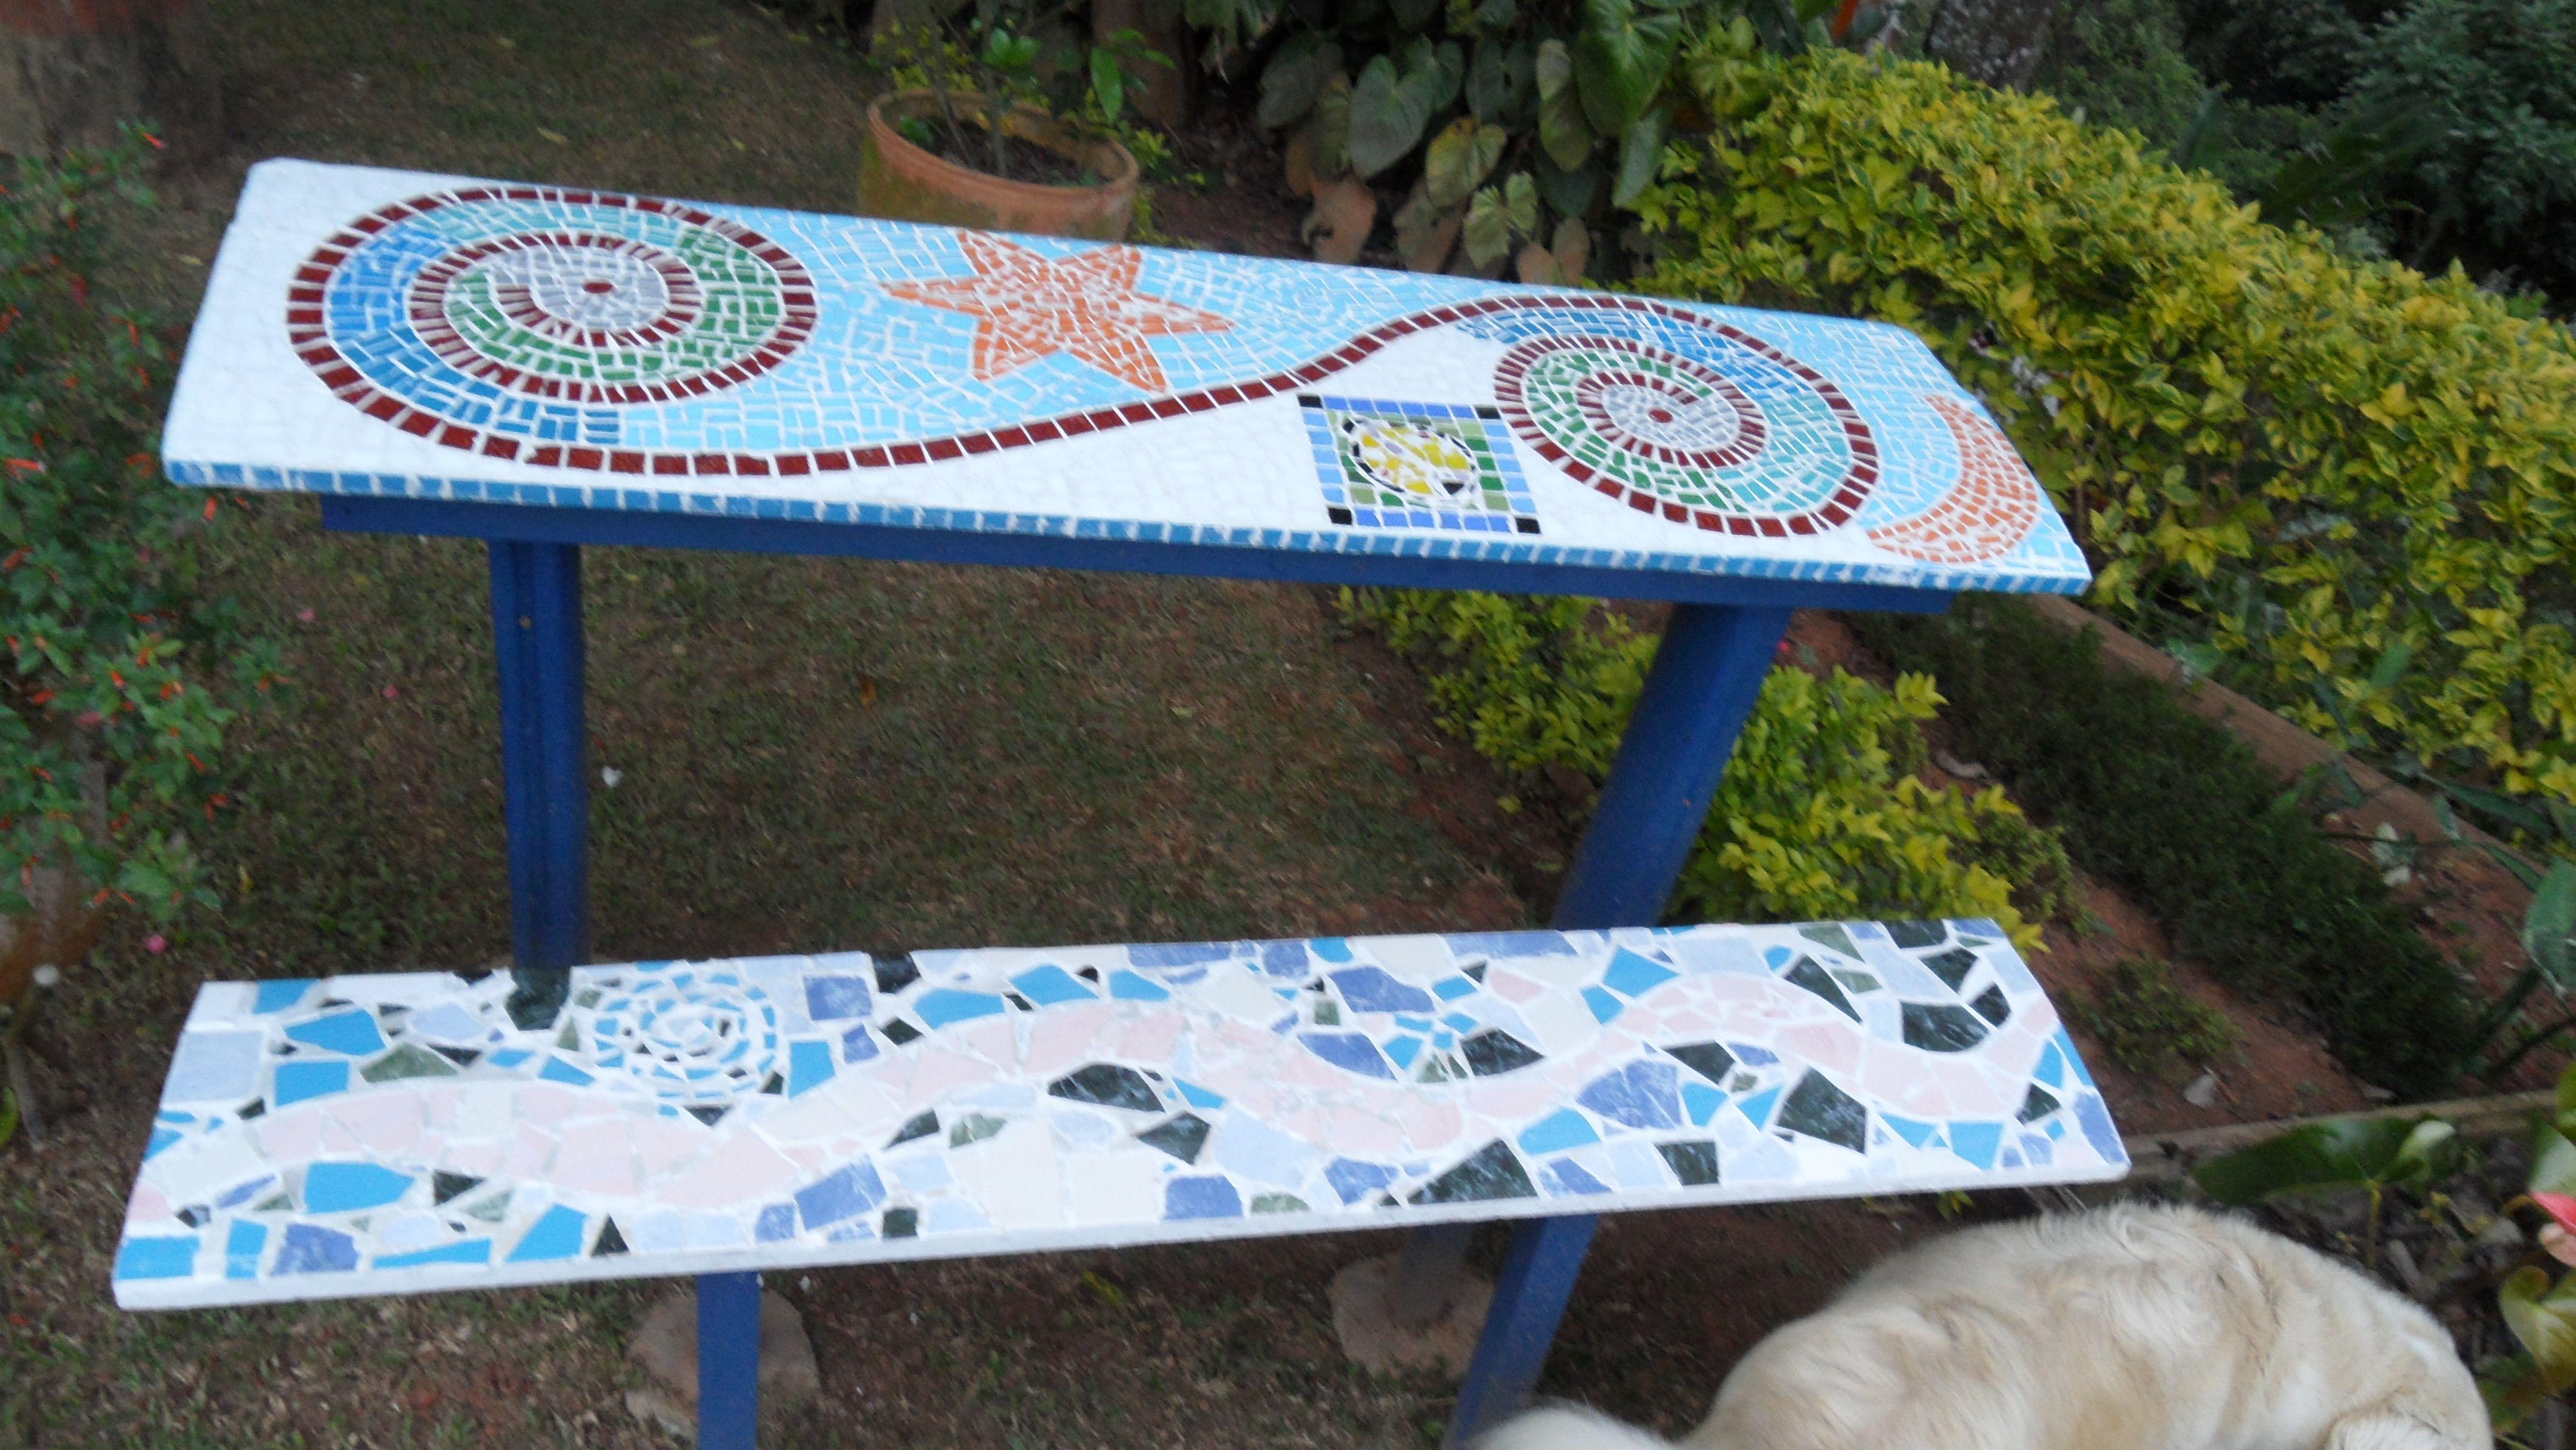 Mosaico banca y mesa de jardin mosaico trabajos que for Mesa mosaico jardin